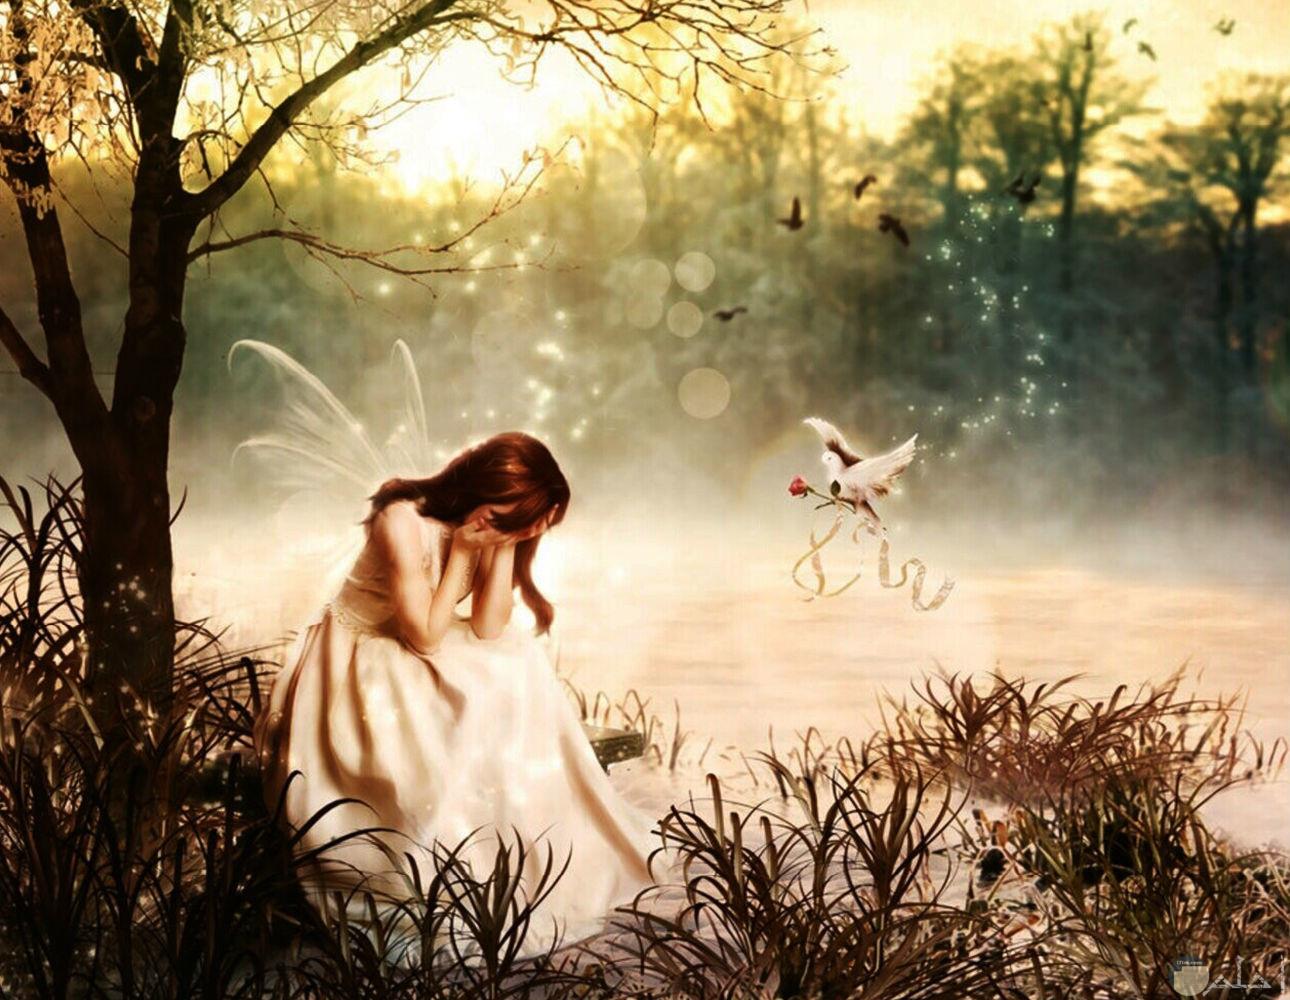 رسمة فتاة انمي حزينة و طائر يعطيها وردة.